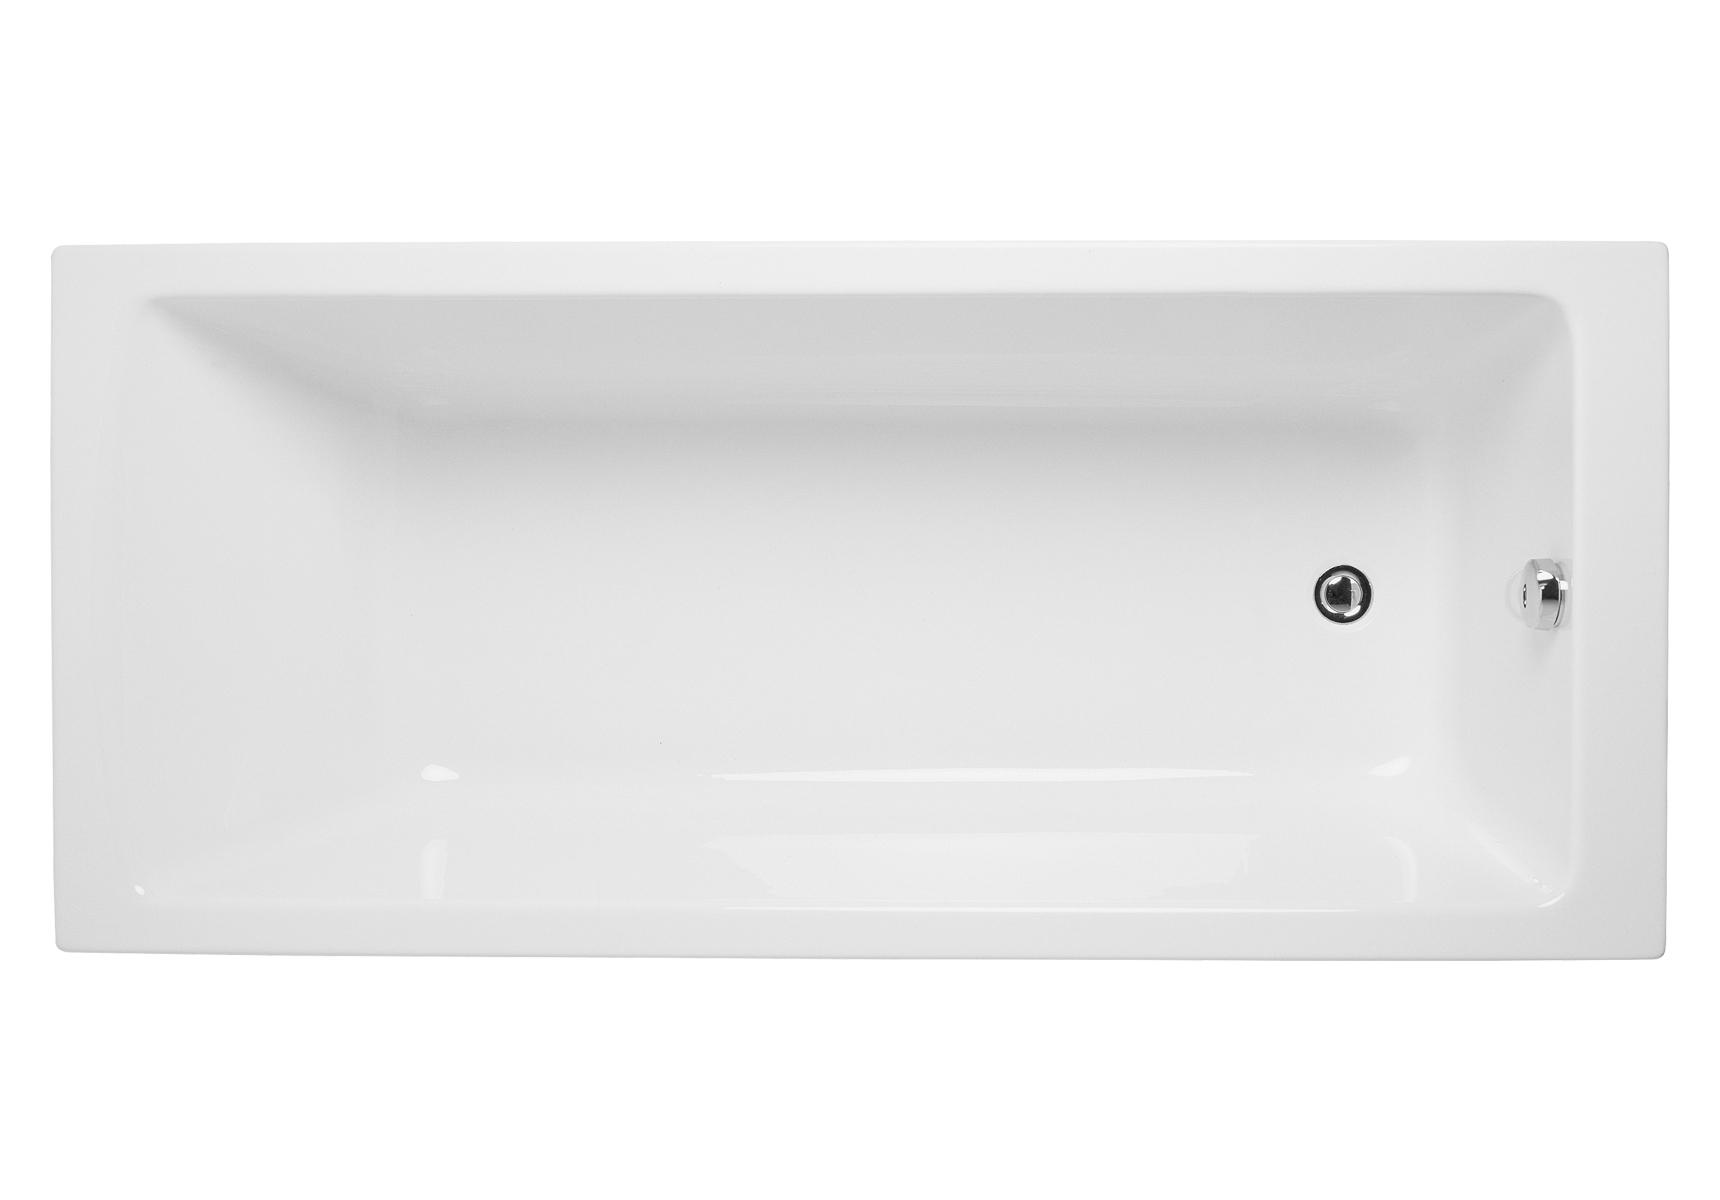 Integra baignoire ergonomique rectangulaire en acrylique 4 mm, 160  x  70 cm